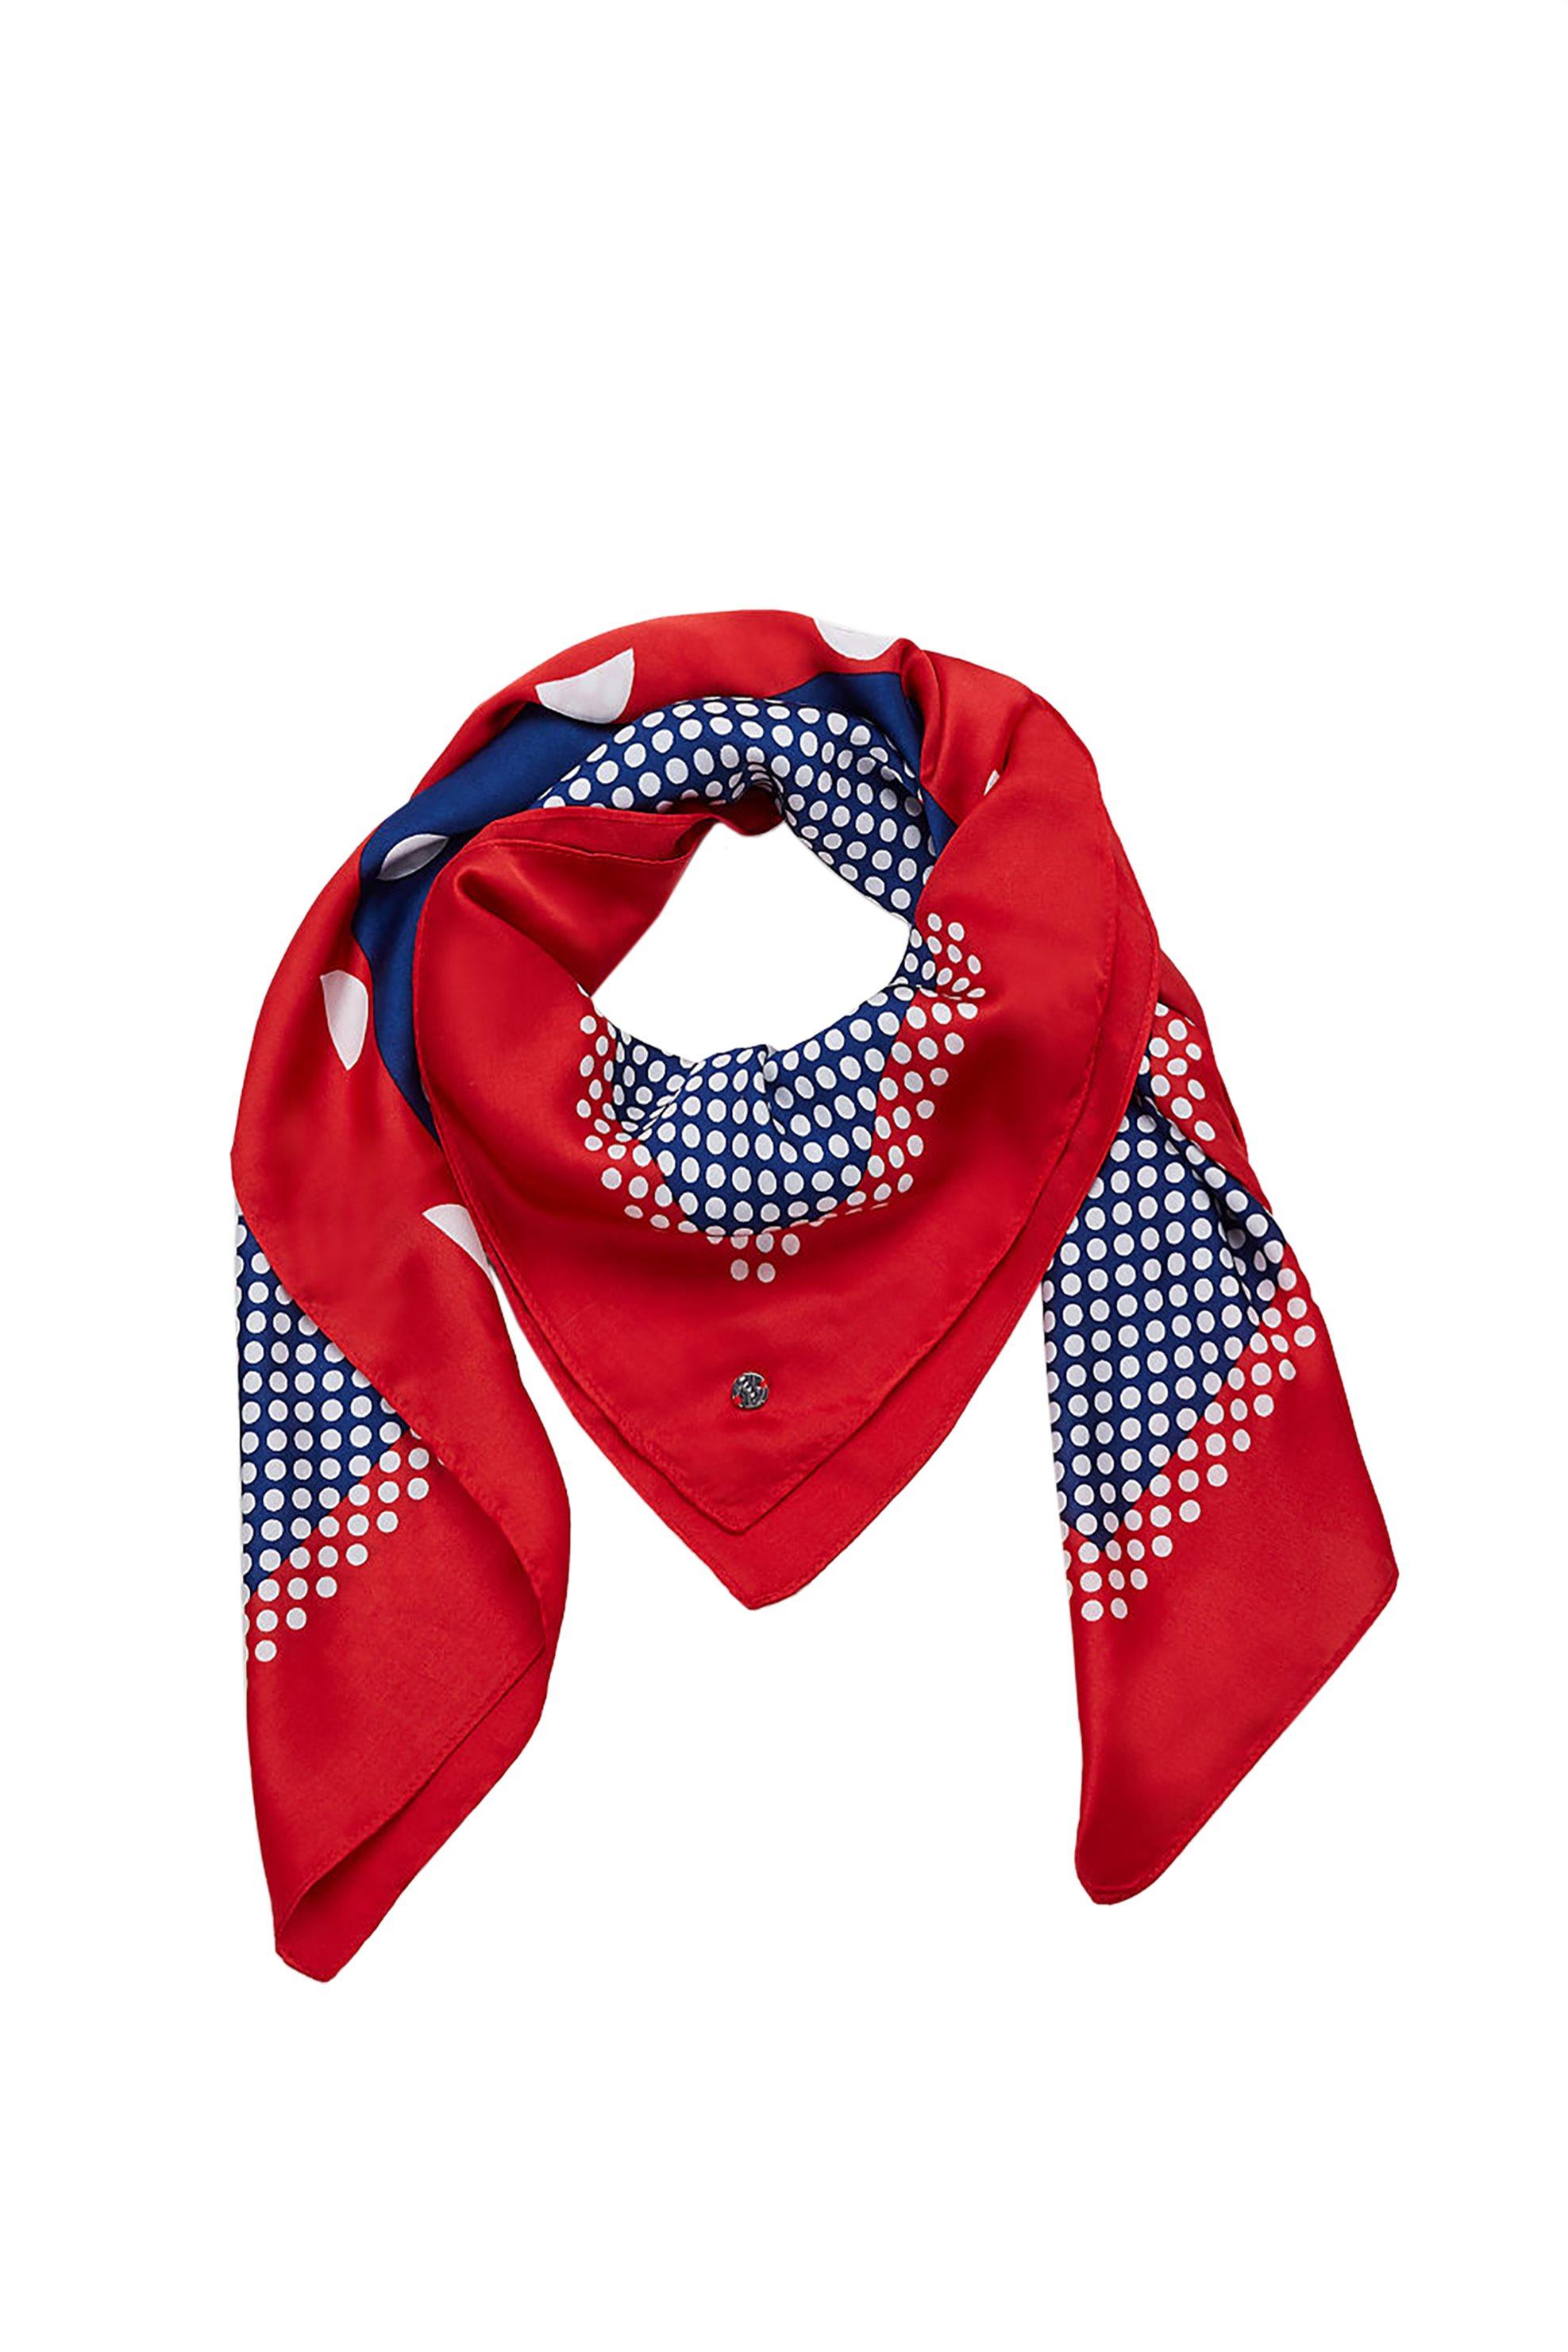 Esprit γυναικείo φουλάρι με πουά print - 029EA1Q006 - Κόκκινο γυναικα   αξεσουαρ   κασκόλ   μαντήλια